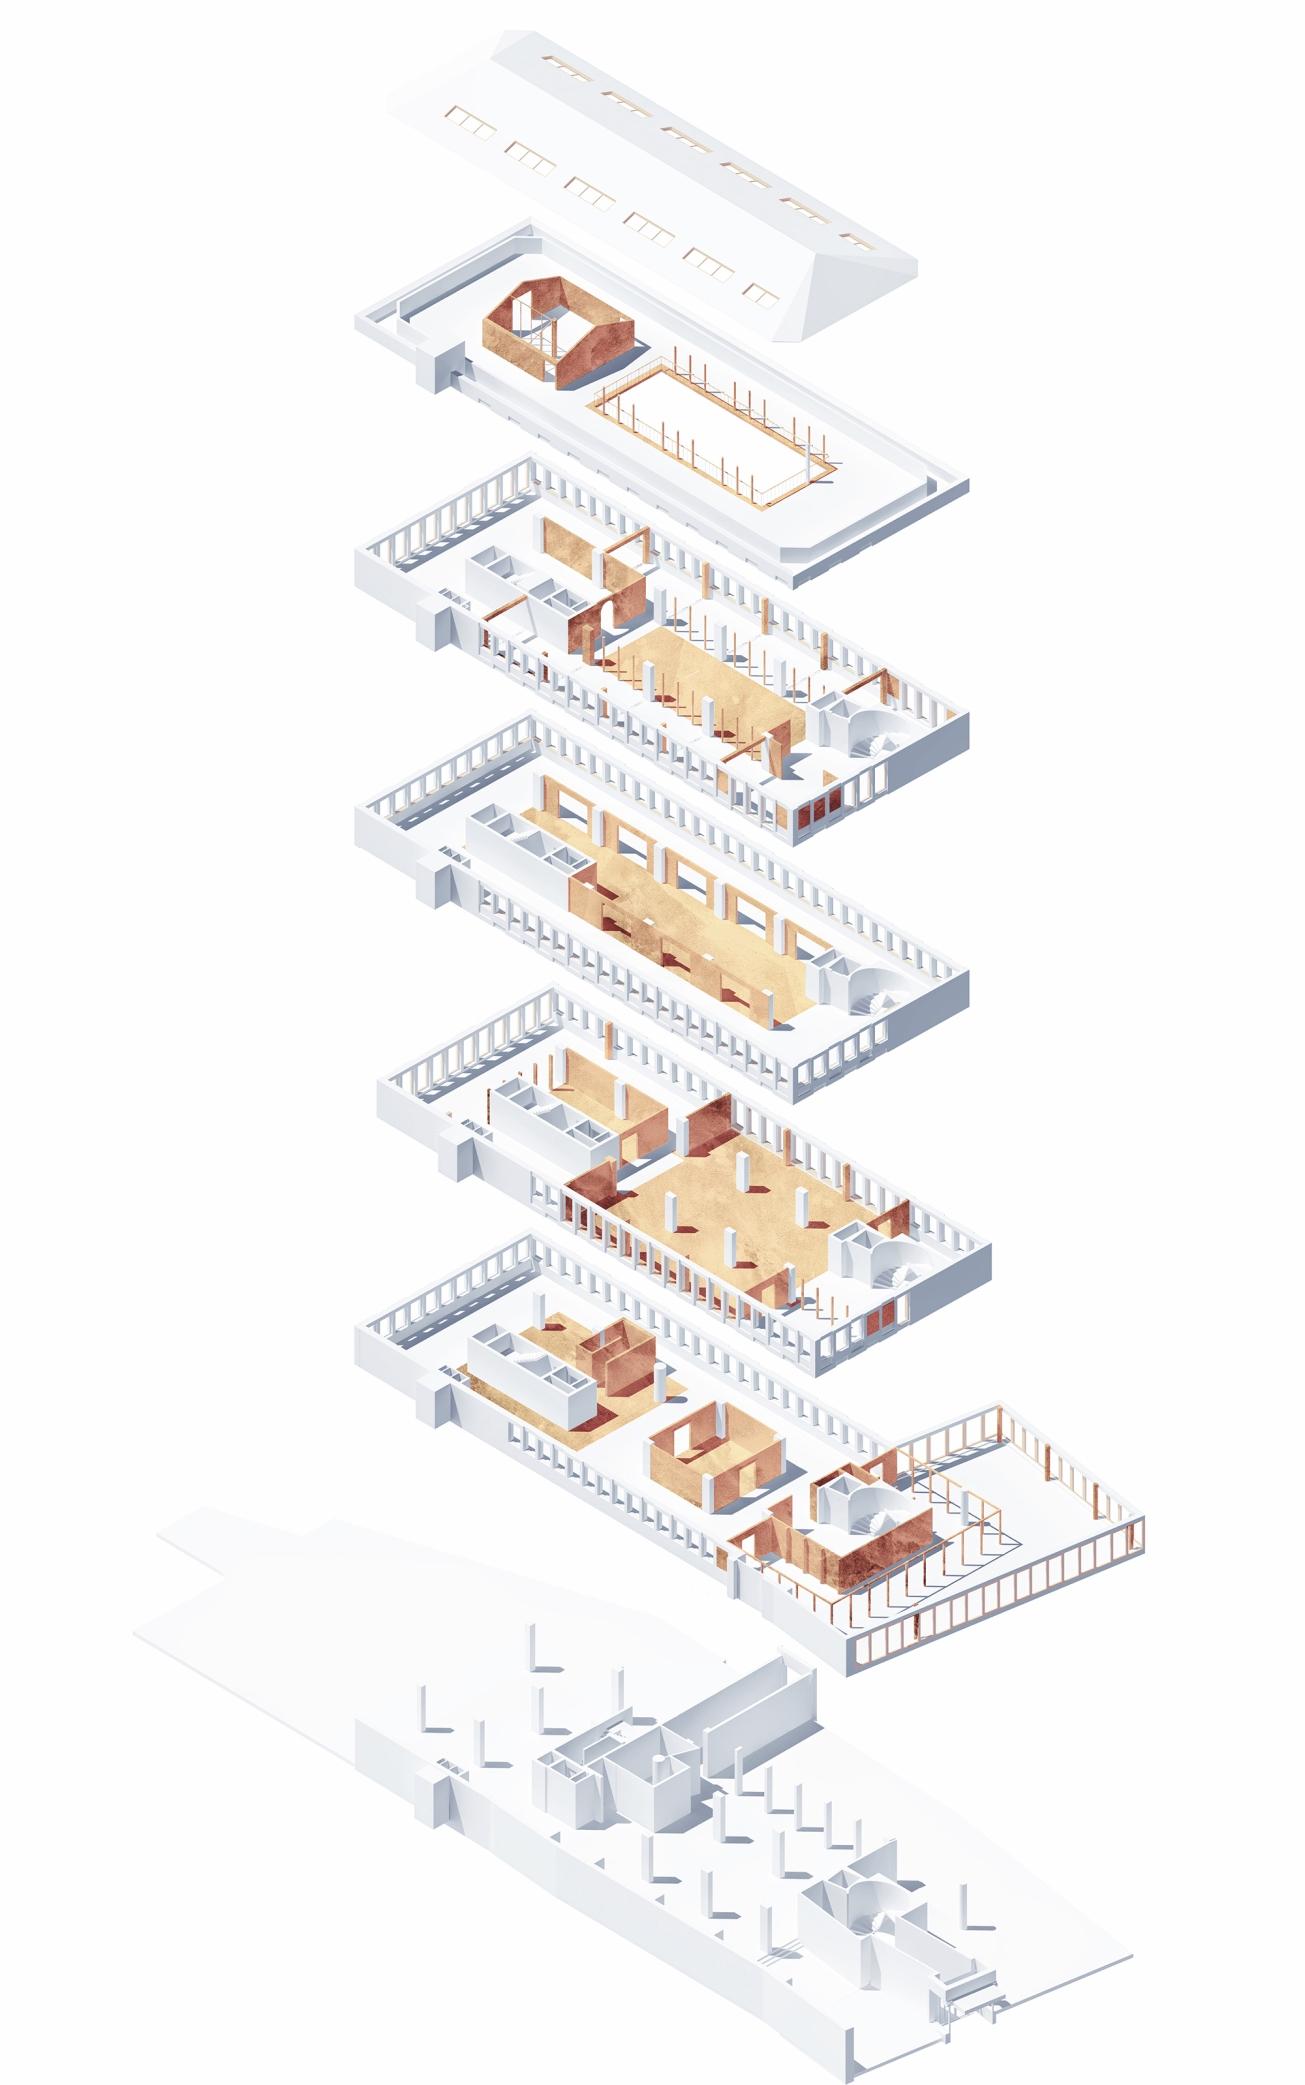 interventions in the building,Karolina Pajnowska,2017 Lunds Tekniska Högskola diploma studio